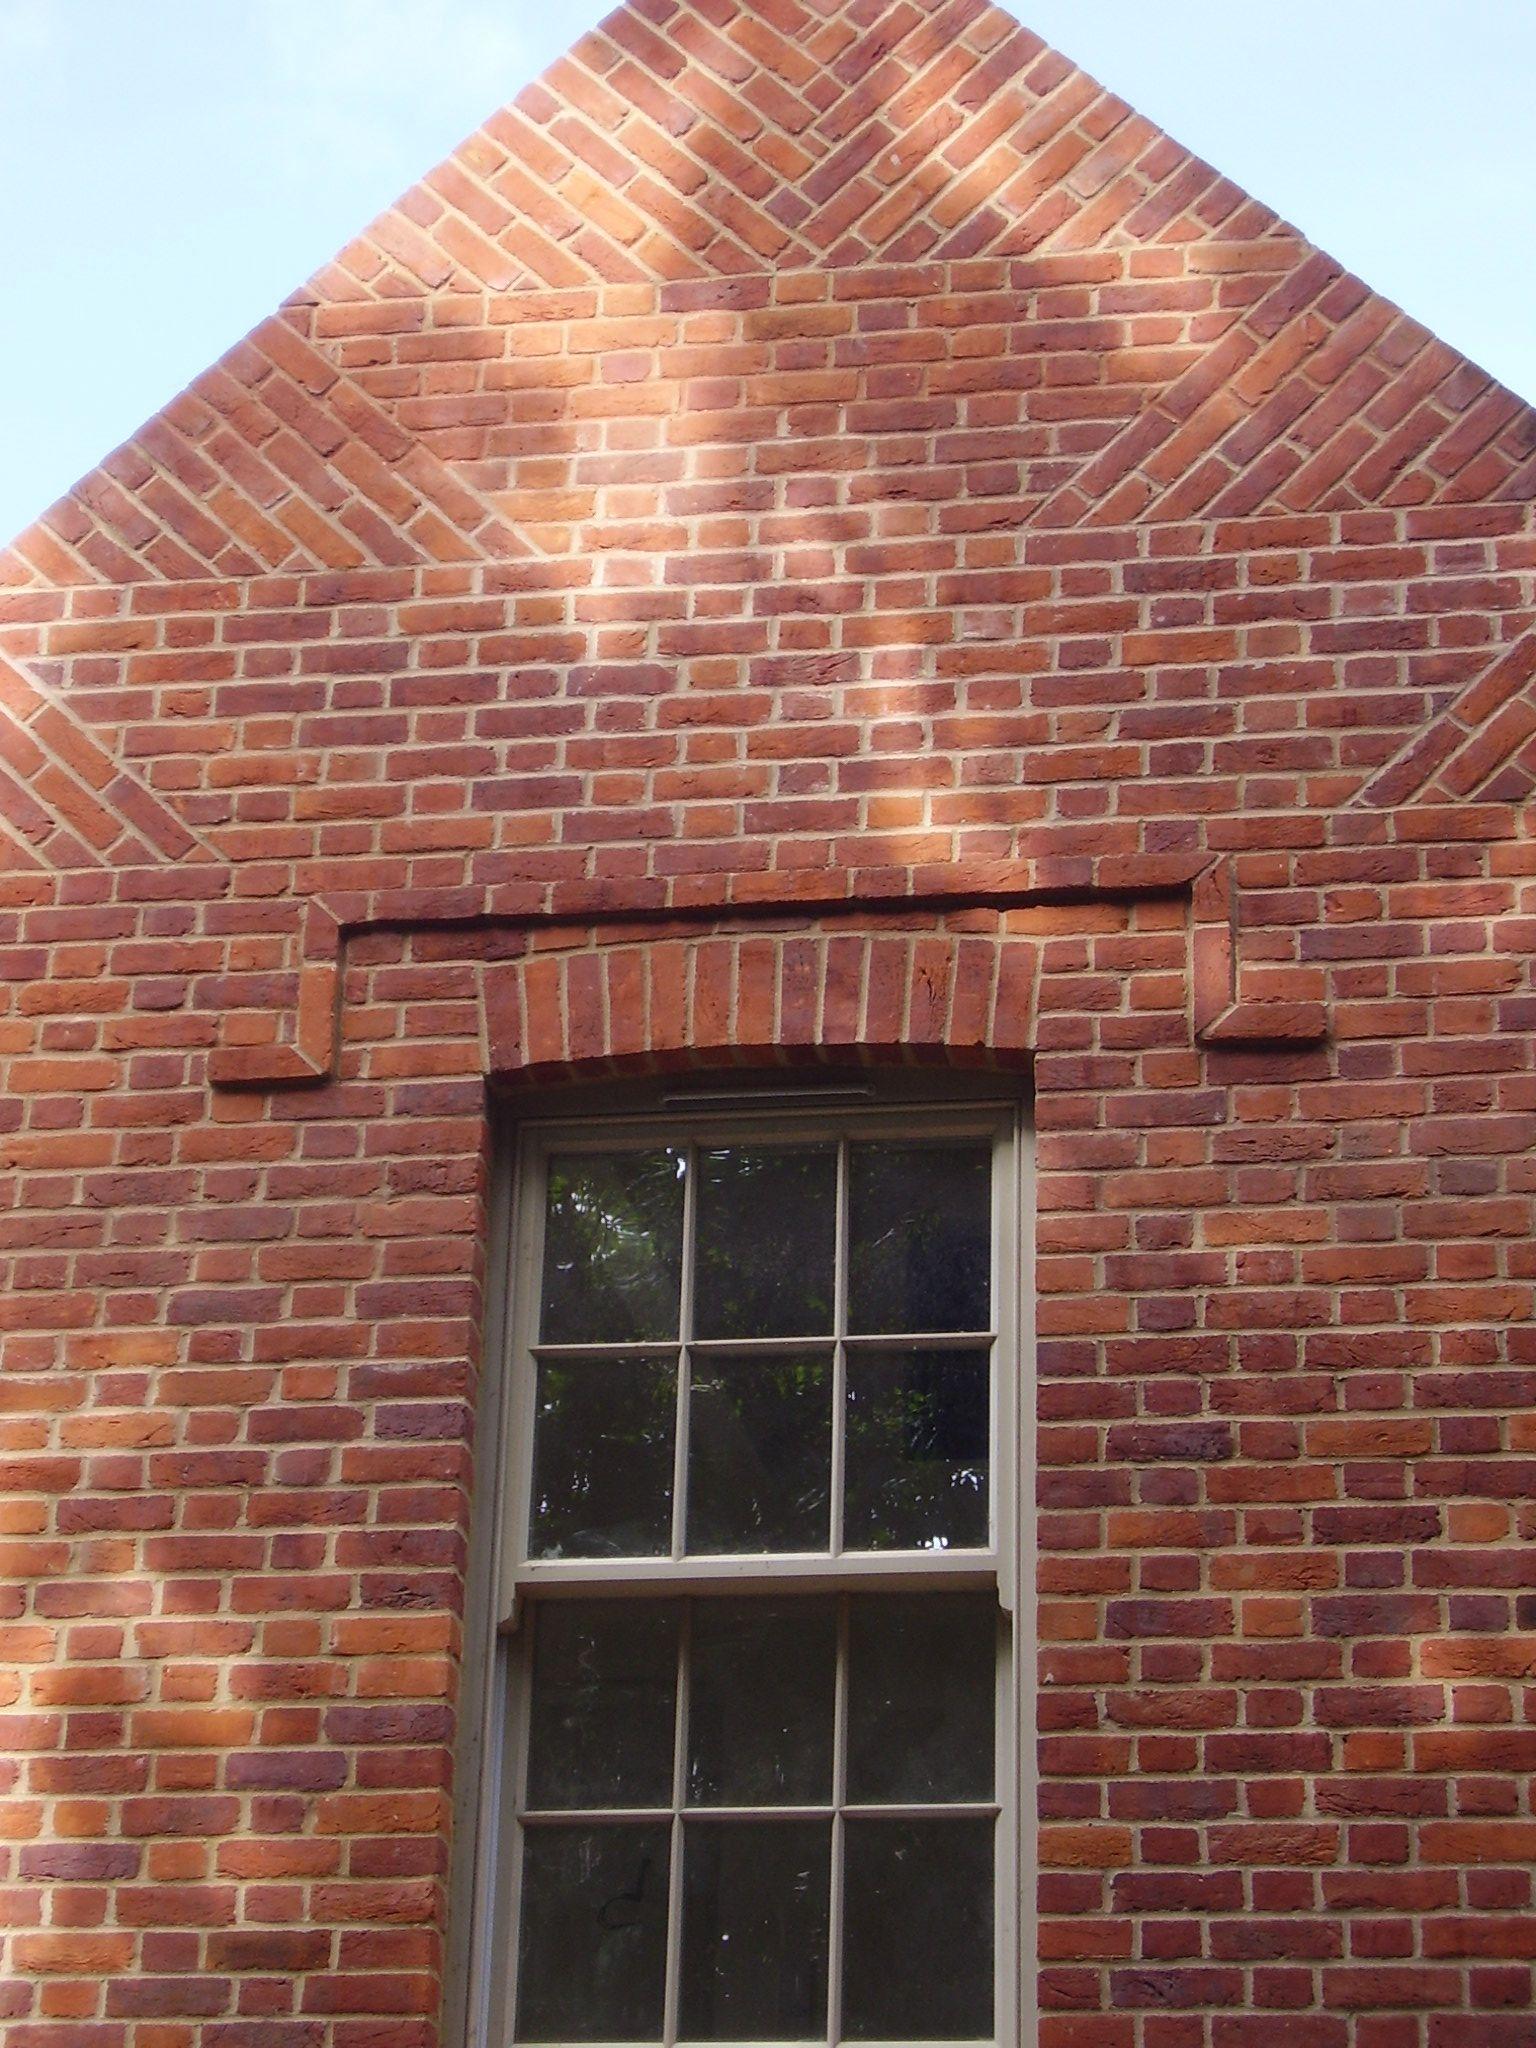 как обкладывают кирпичом треугольные окна фото оставят владельца